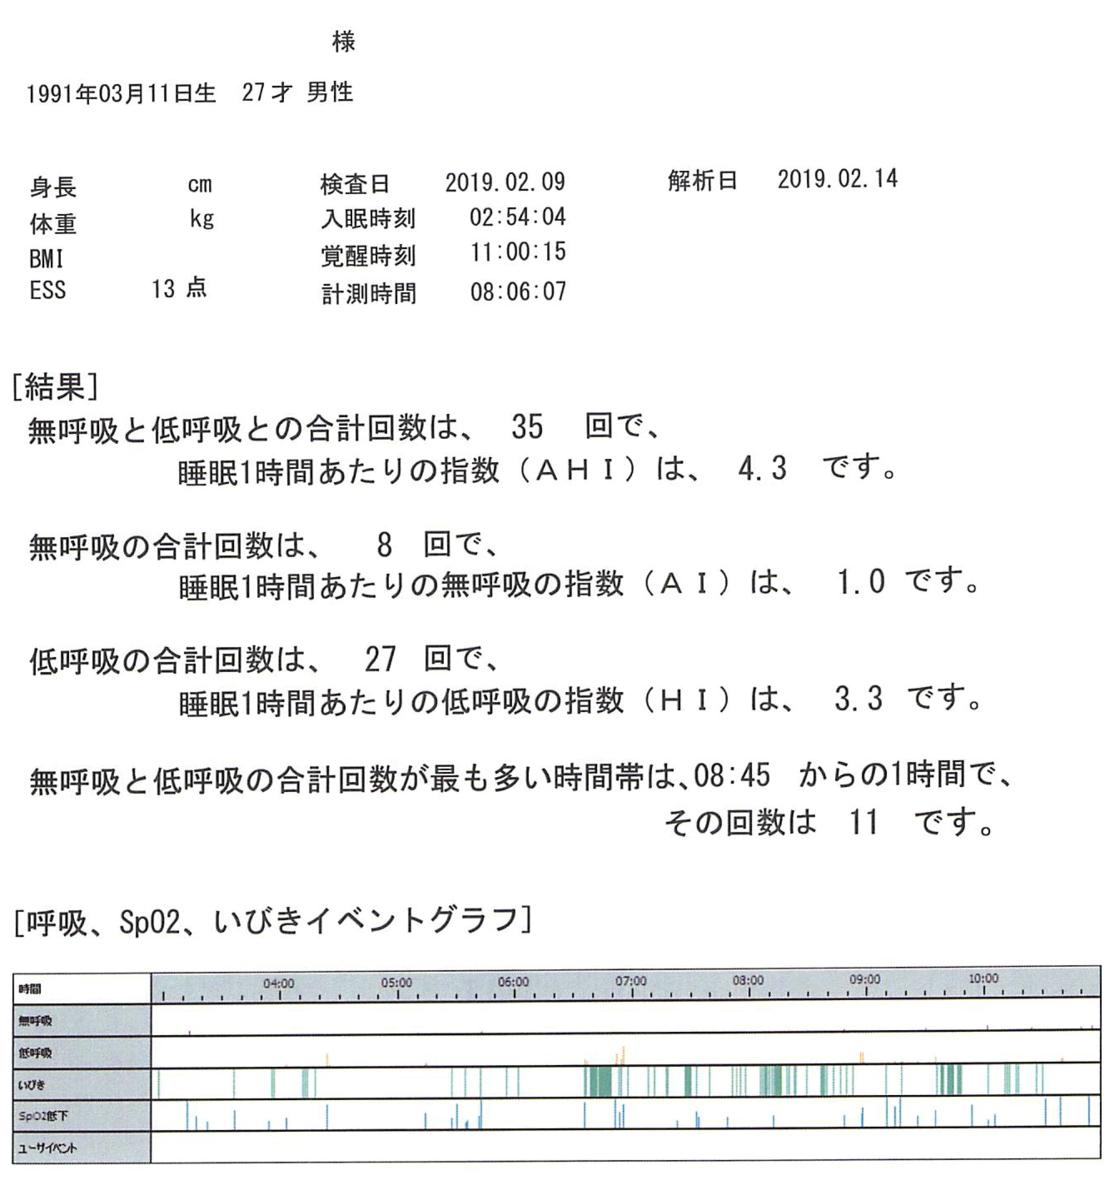 f:id:Ovis:20190408002943p:plain